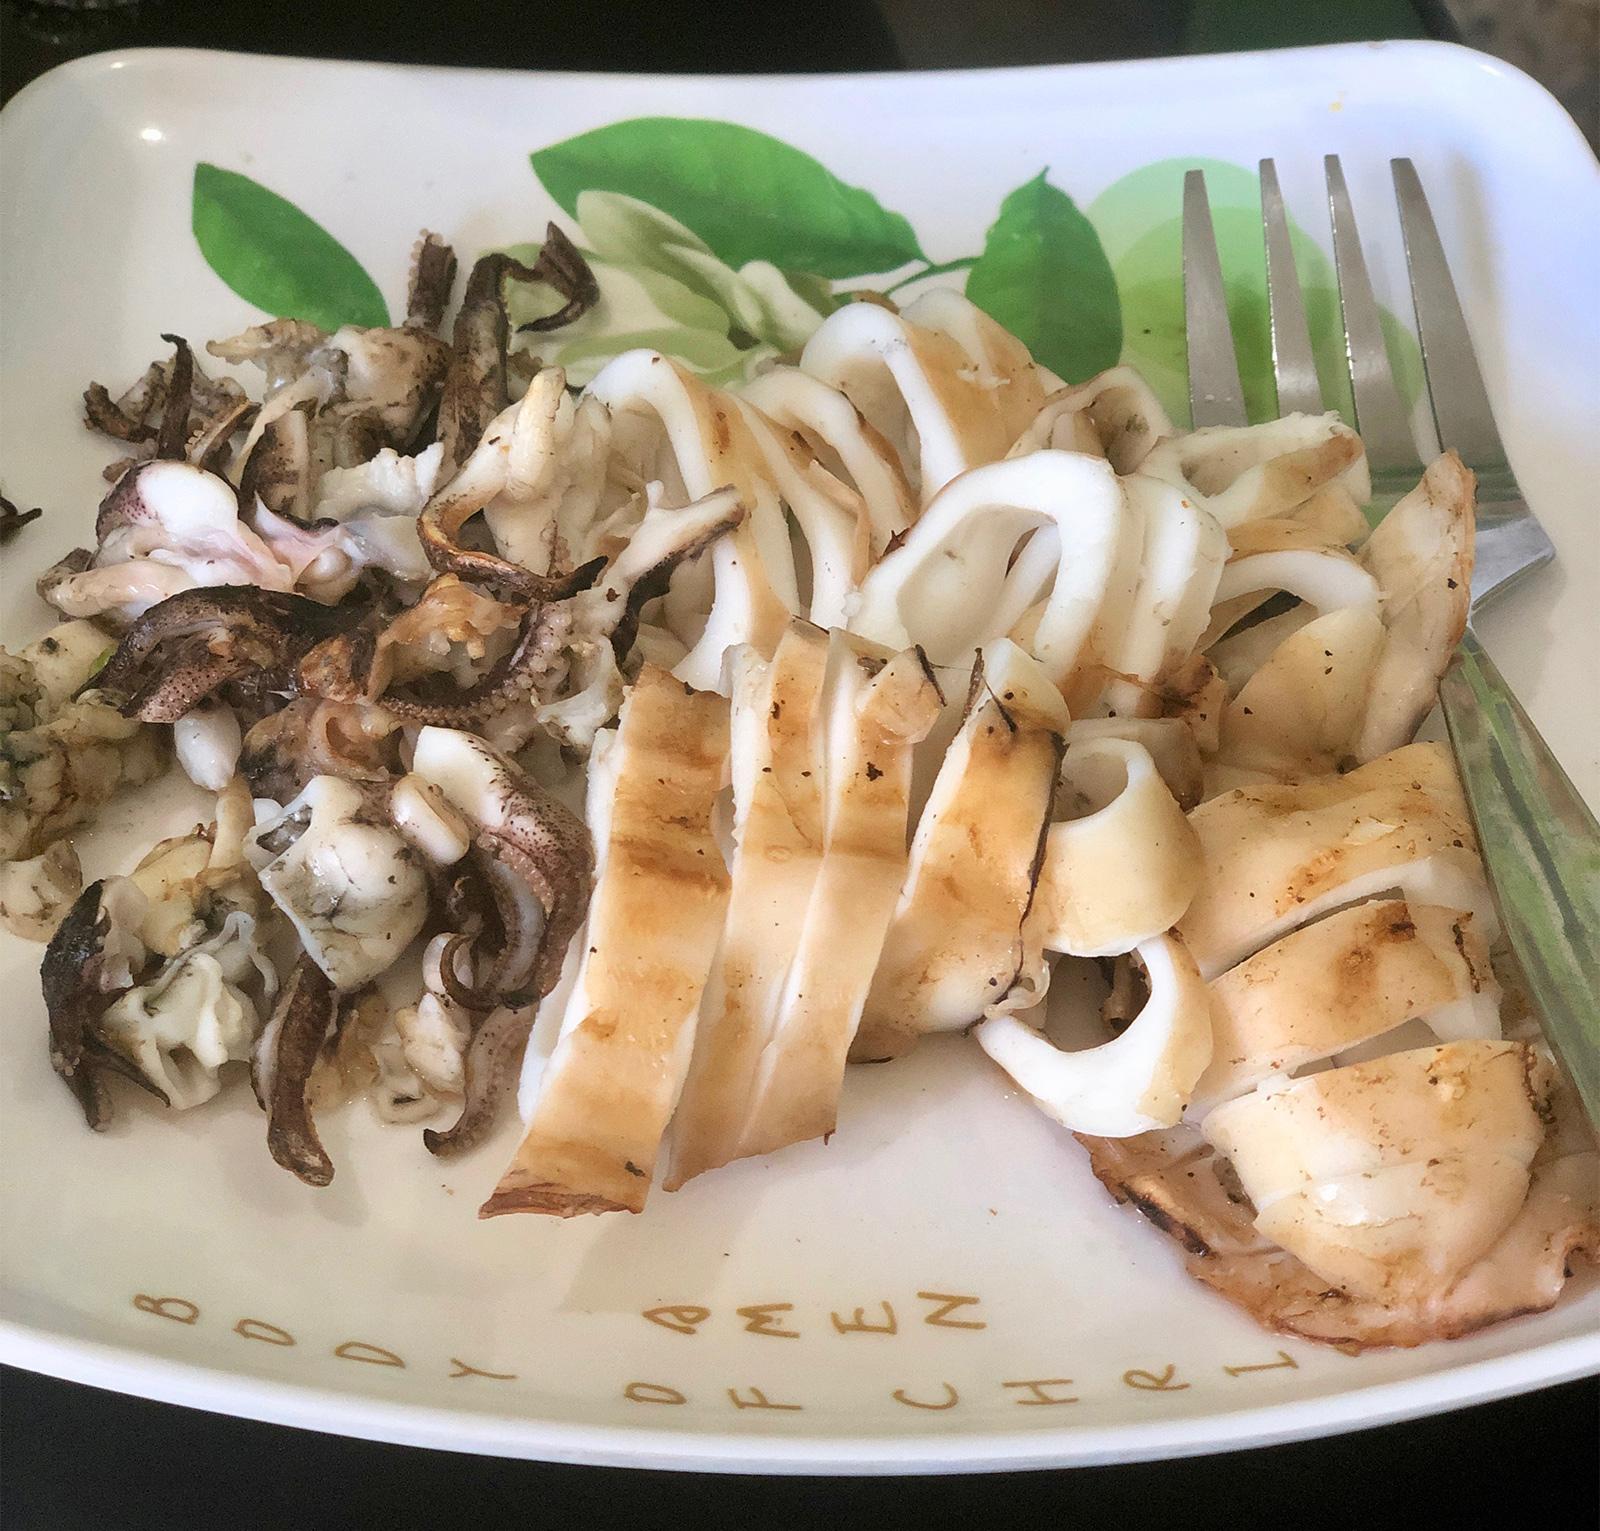 그릇에 담긴 구운 갑오징어와 포크